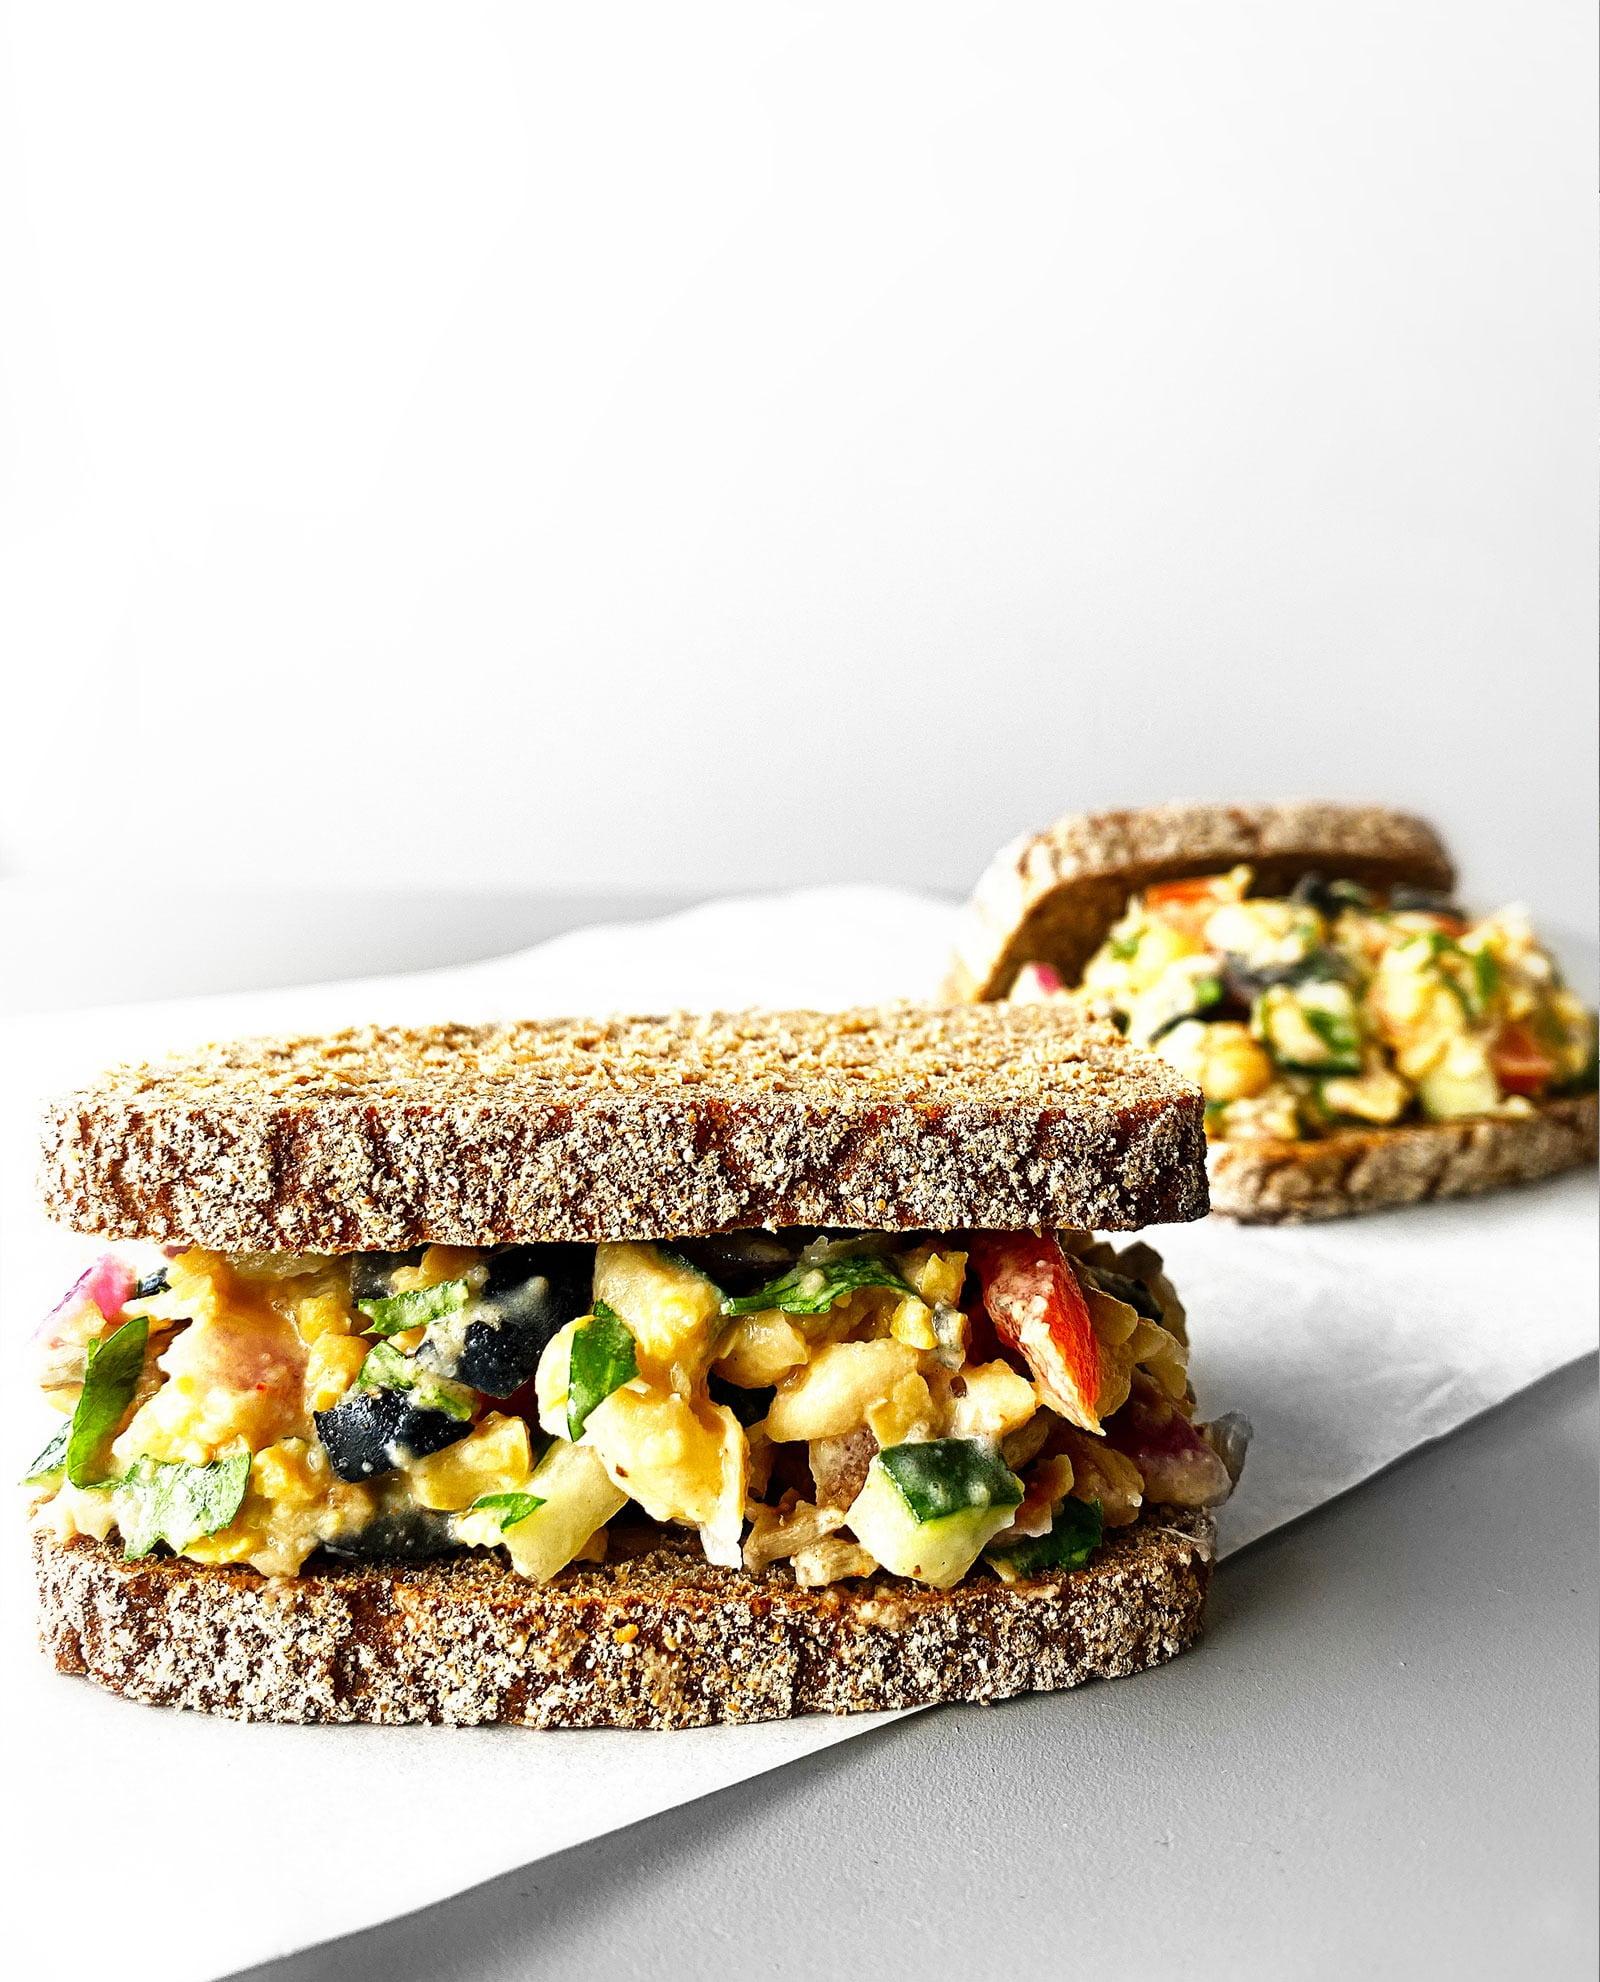 mediterranean-inspired-mashed-chickpea-salad-sandwich